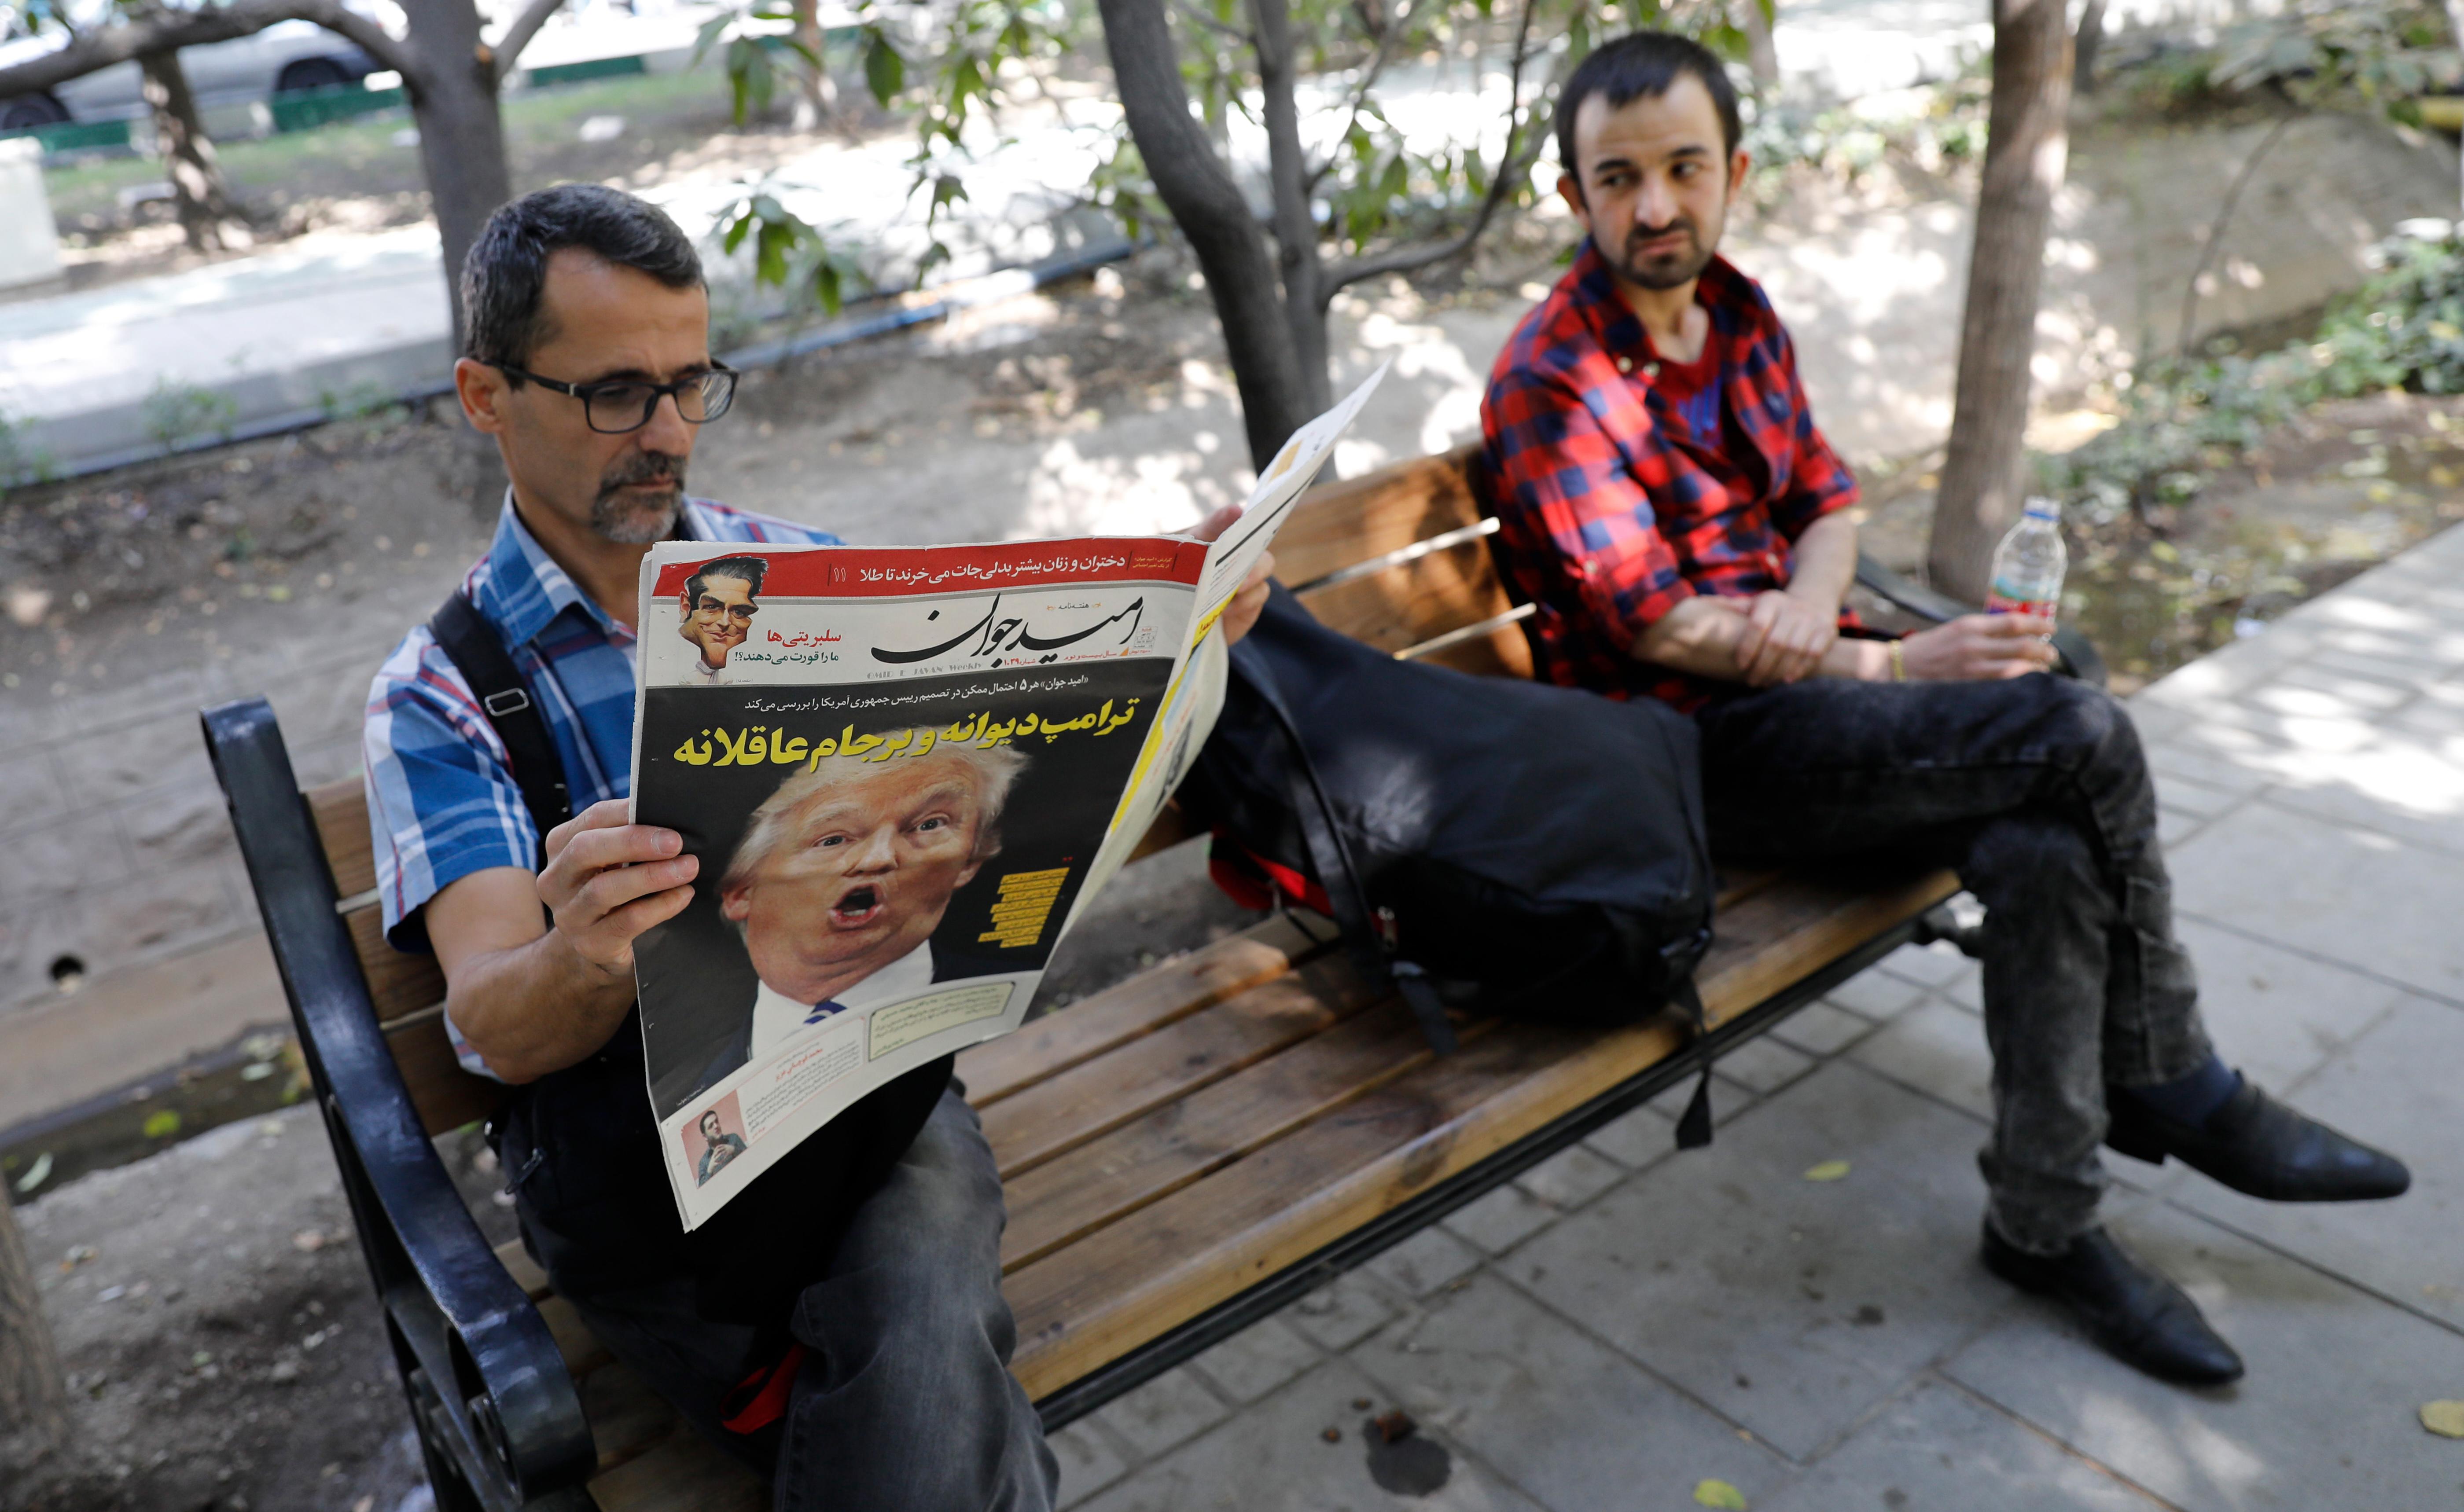 Iraníes leyendo la prensa